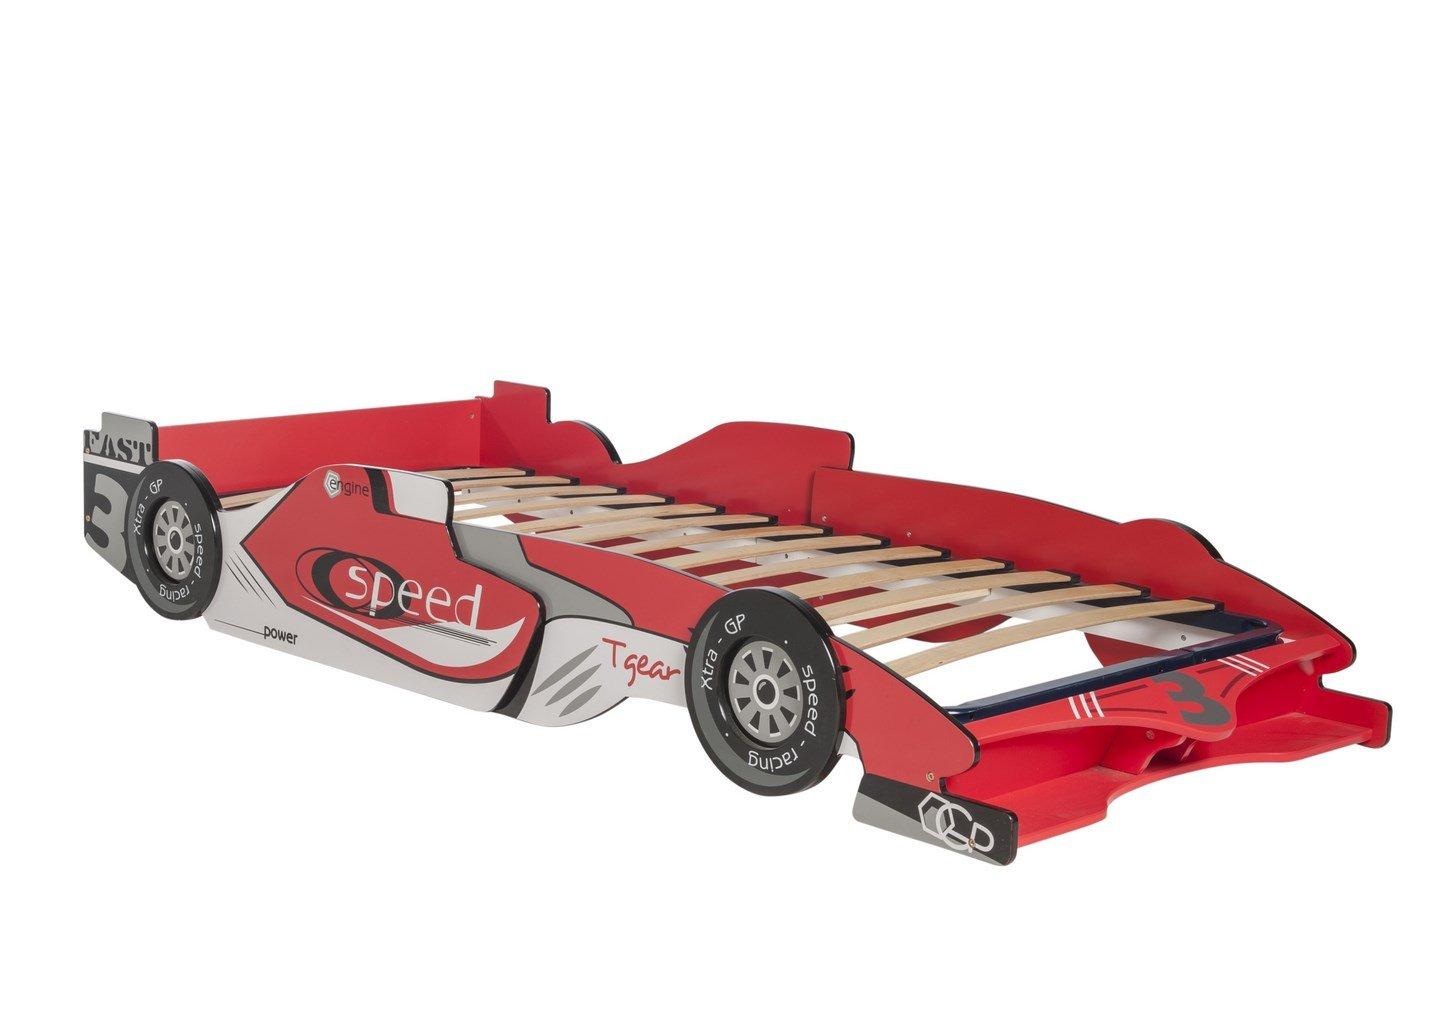 LIQUIDATODO ® - Cama coche juvenil moderna y barata - Castellet: Amazon.es: Juguetes y juegos